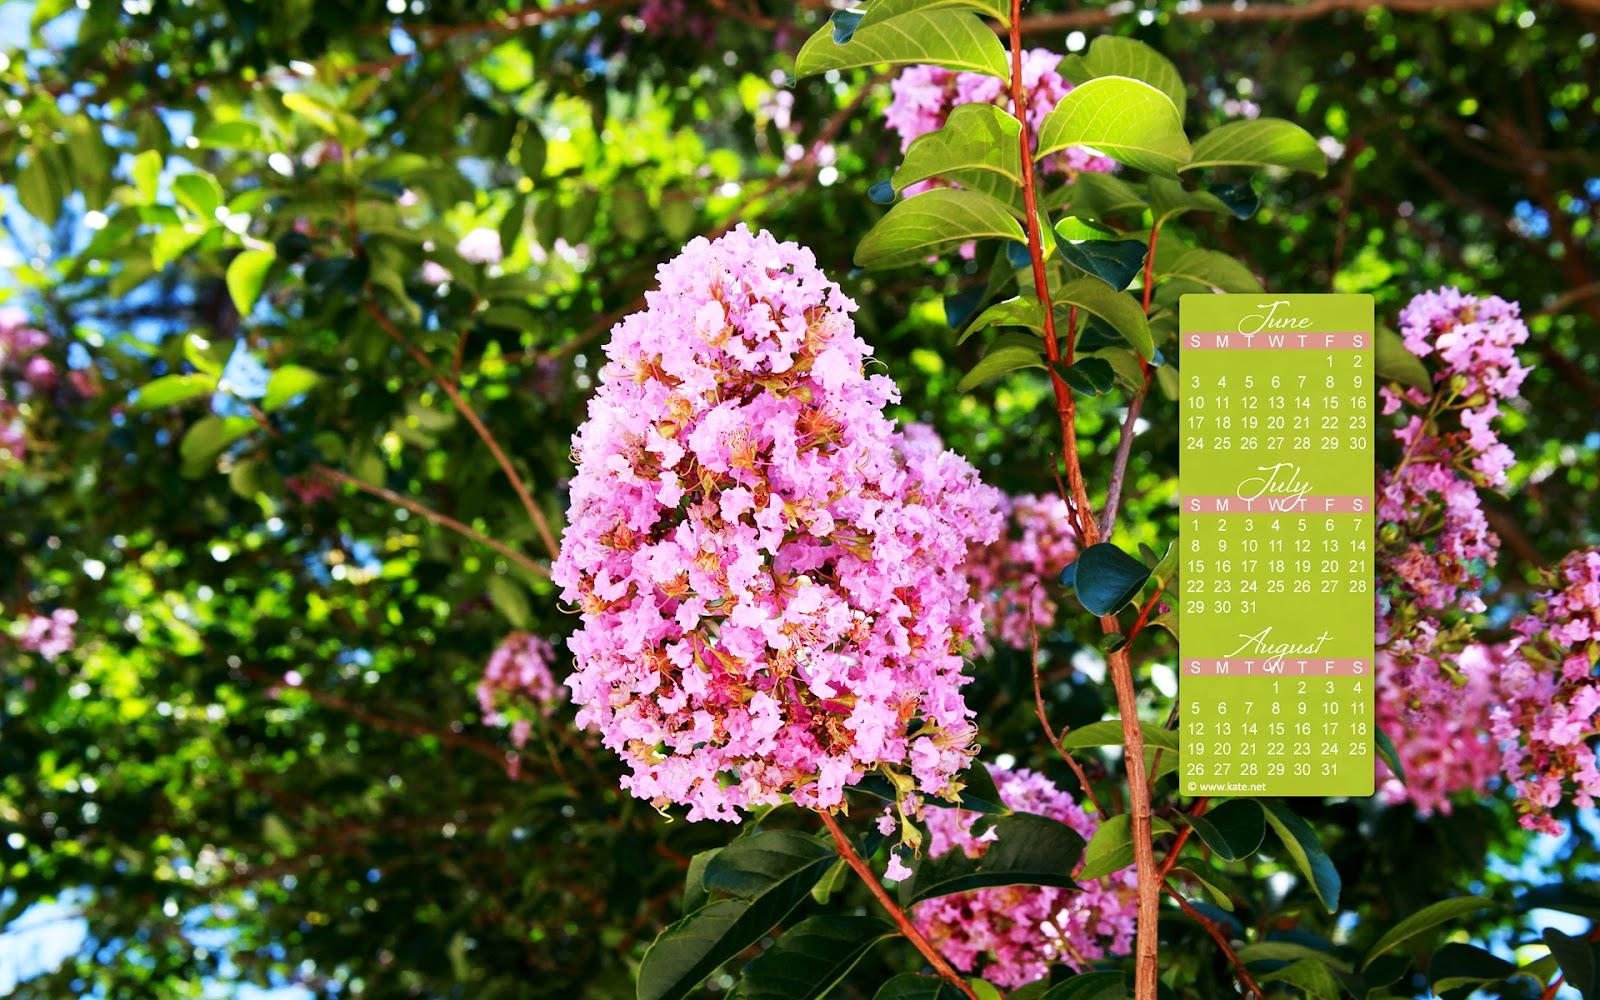 http://1.bp.blogspot.com/-oxaM8GdMmoM/T-6YSnGv_oI/AAAAAAAAGXI/wxyPKn4yDuM/s1600/katenet-july2012a_1920.jpg